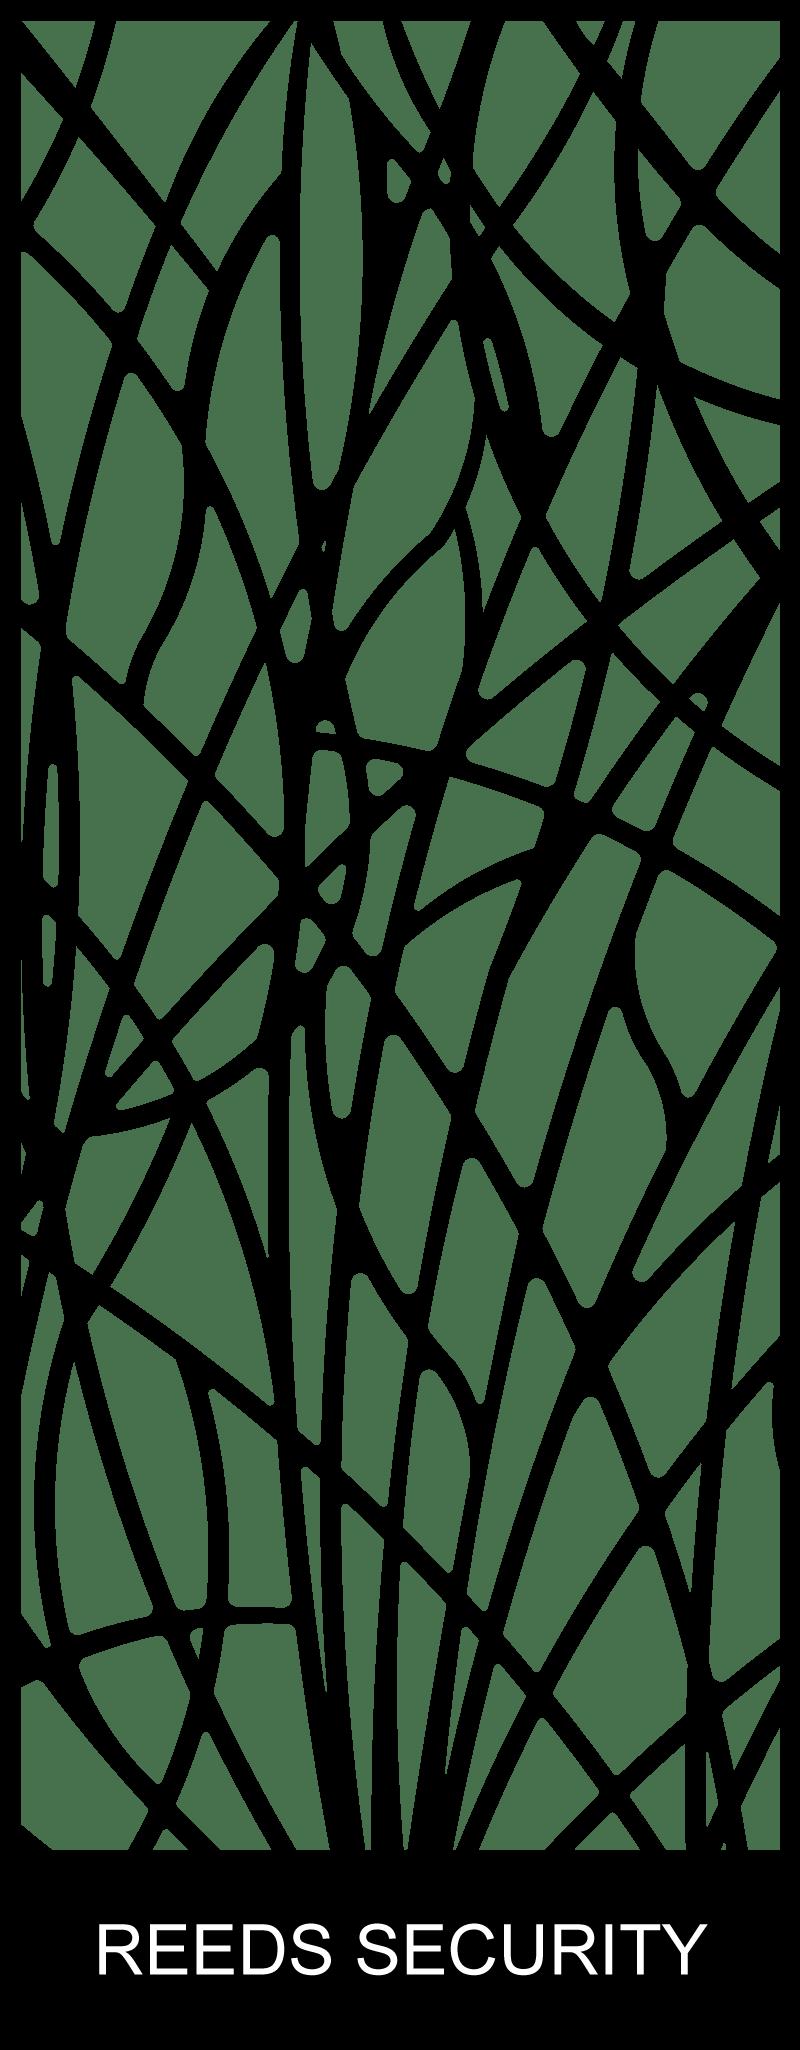 Reeds Security